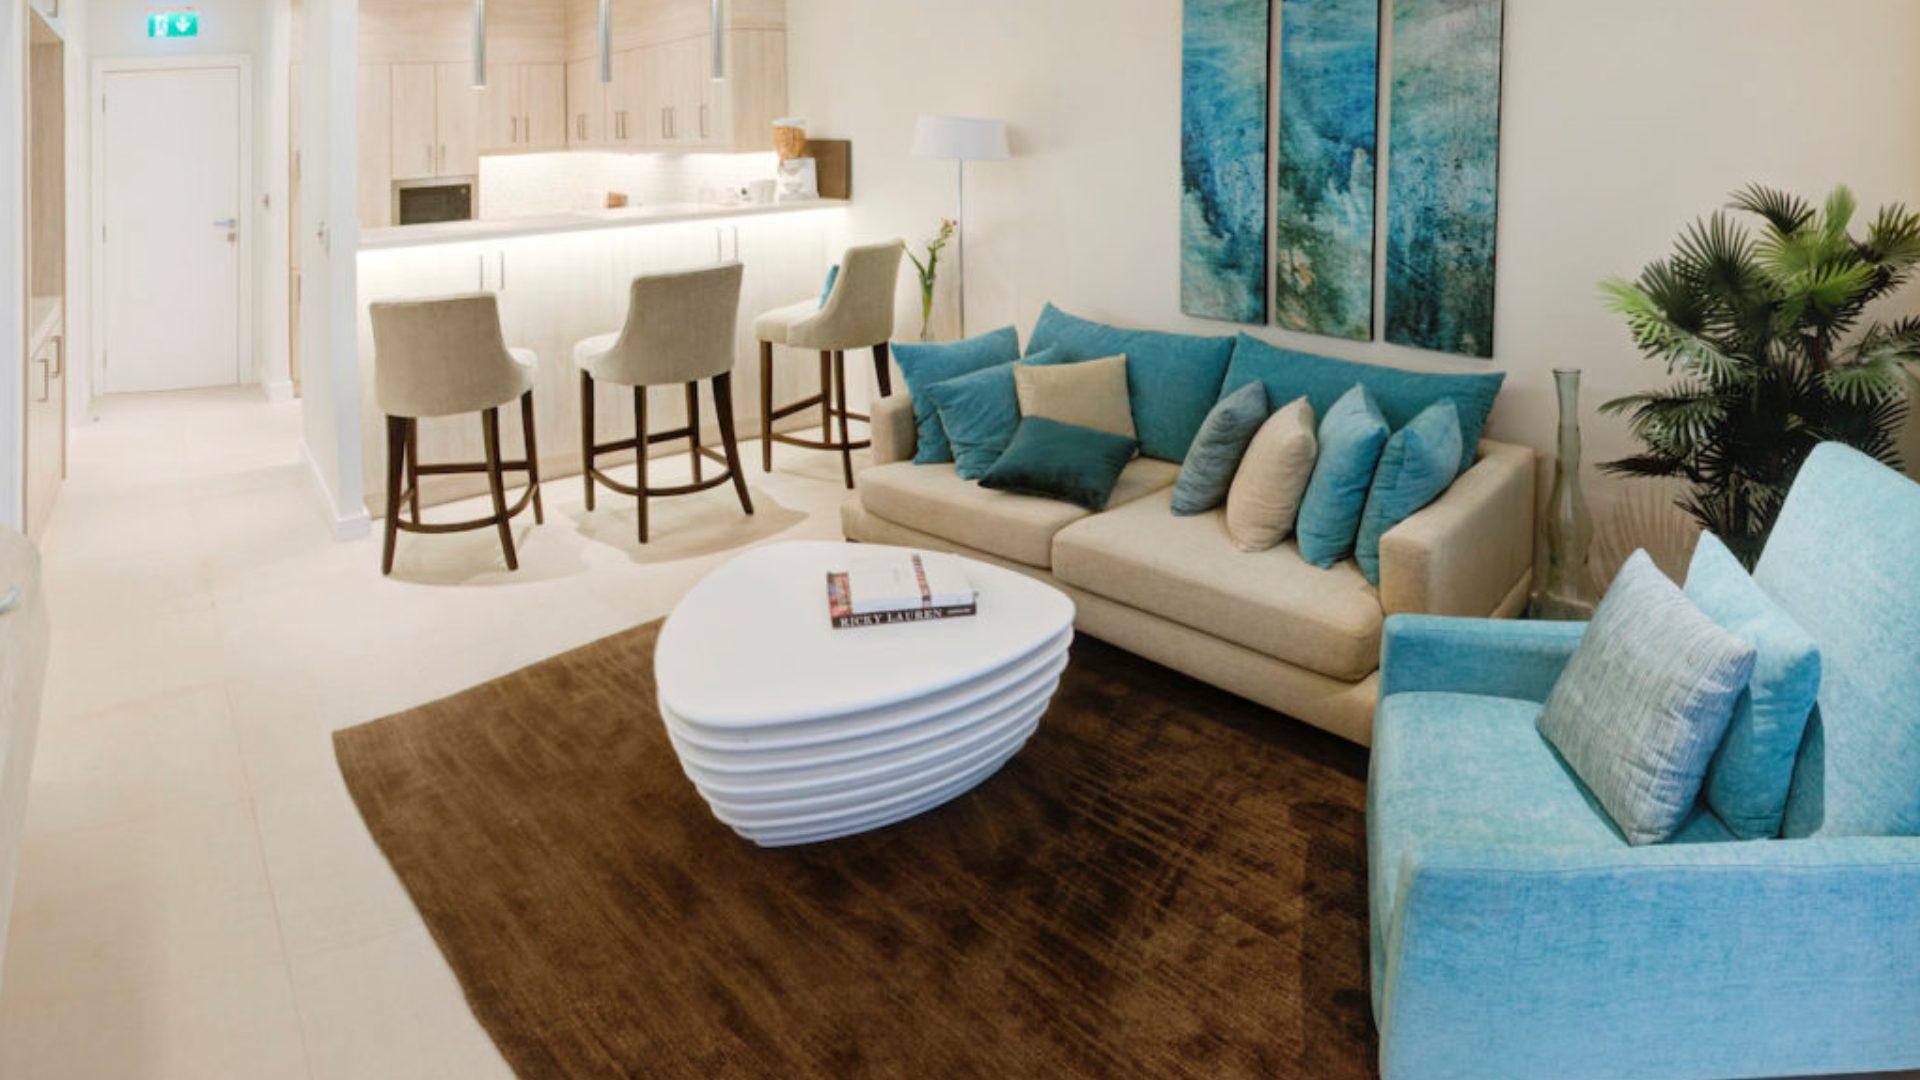 Apartamento en venta en Dubai, EAU, 3 dormitorios, 141 m2, № 24366 – foto 1